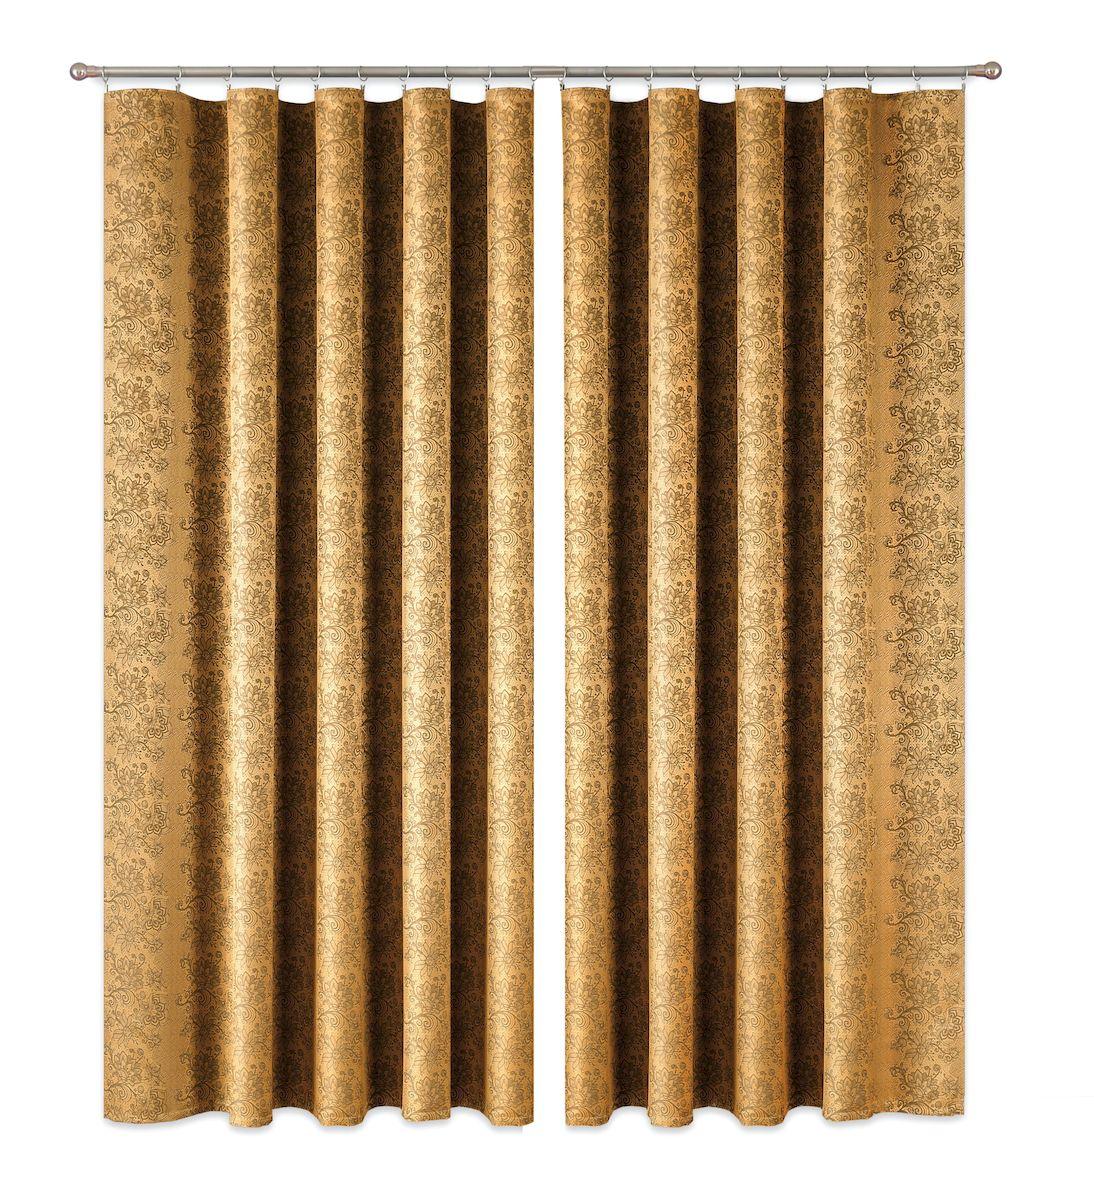 Комплект штор P Primavera Firany, на ленте, цвет: золотистый, высота 270 см. 11100151110015Роскошный комплект штор P Primavera Firany, выполненный из полиэстровой жаккардовой ткани, великолепно украсит любое окно. Комплект состоит из двух штор с пришитой шторной лентой. Изящный рисунок и приятная цветовая гамма привлекут к себе внимание и органично впишутся в интерьер помещения.Этот комплект будет долгое время радовать вас и вашу семью!